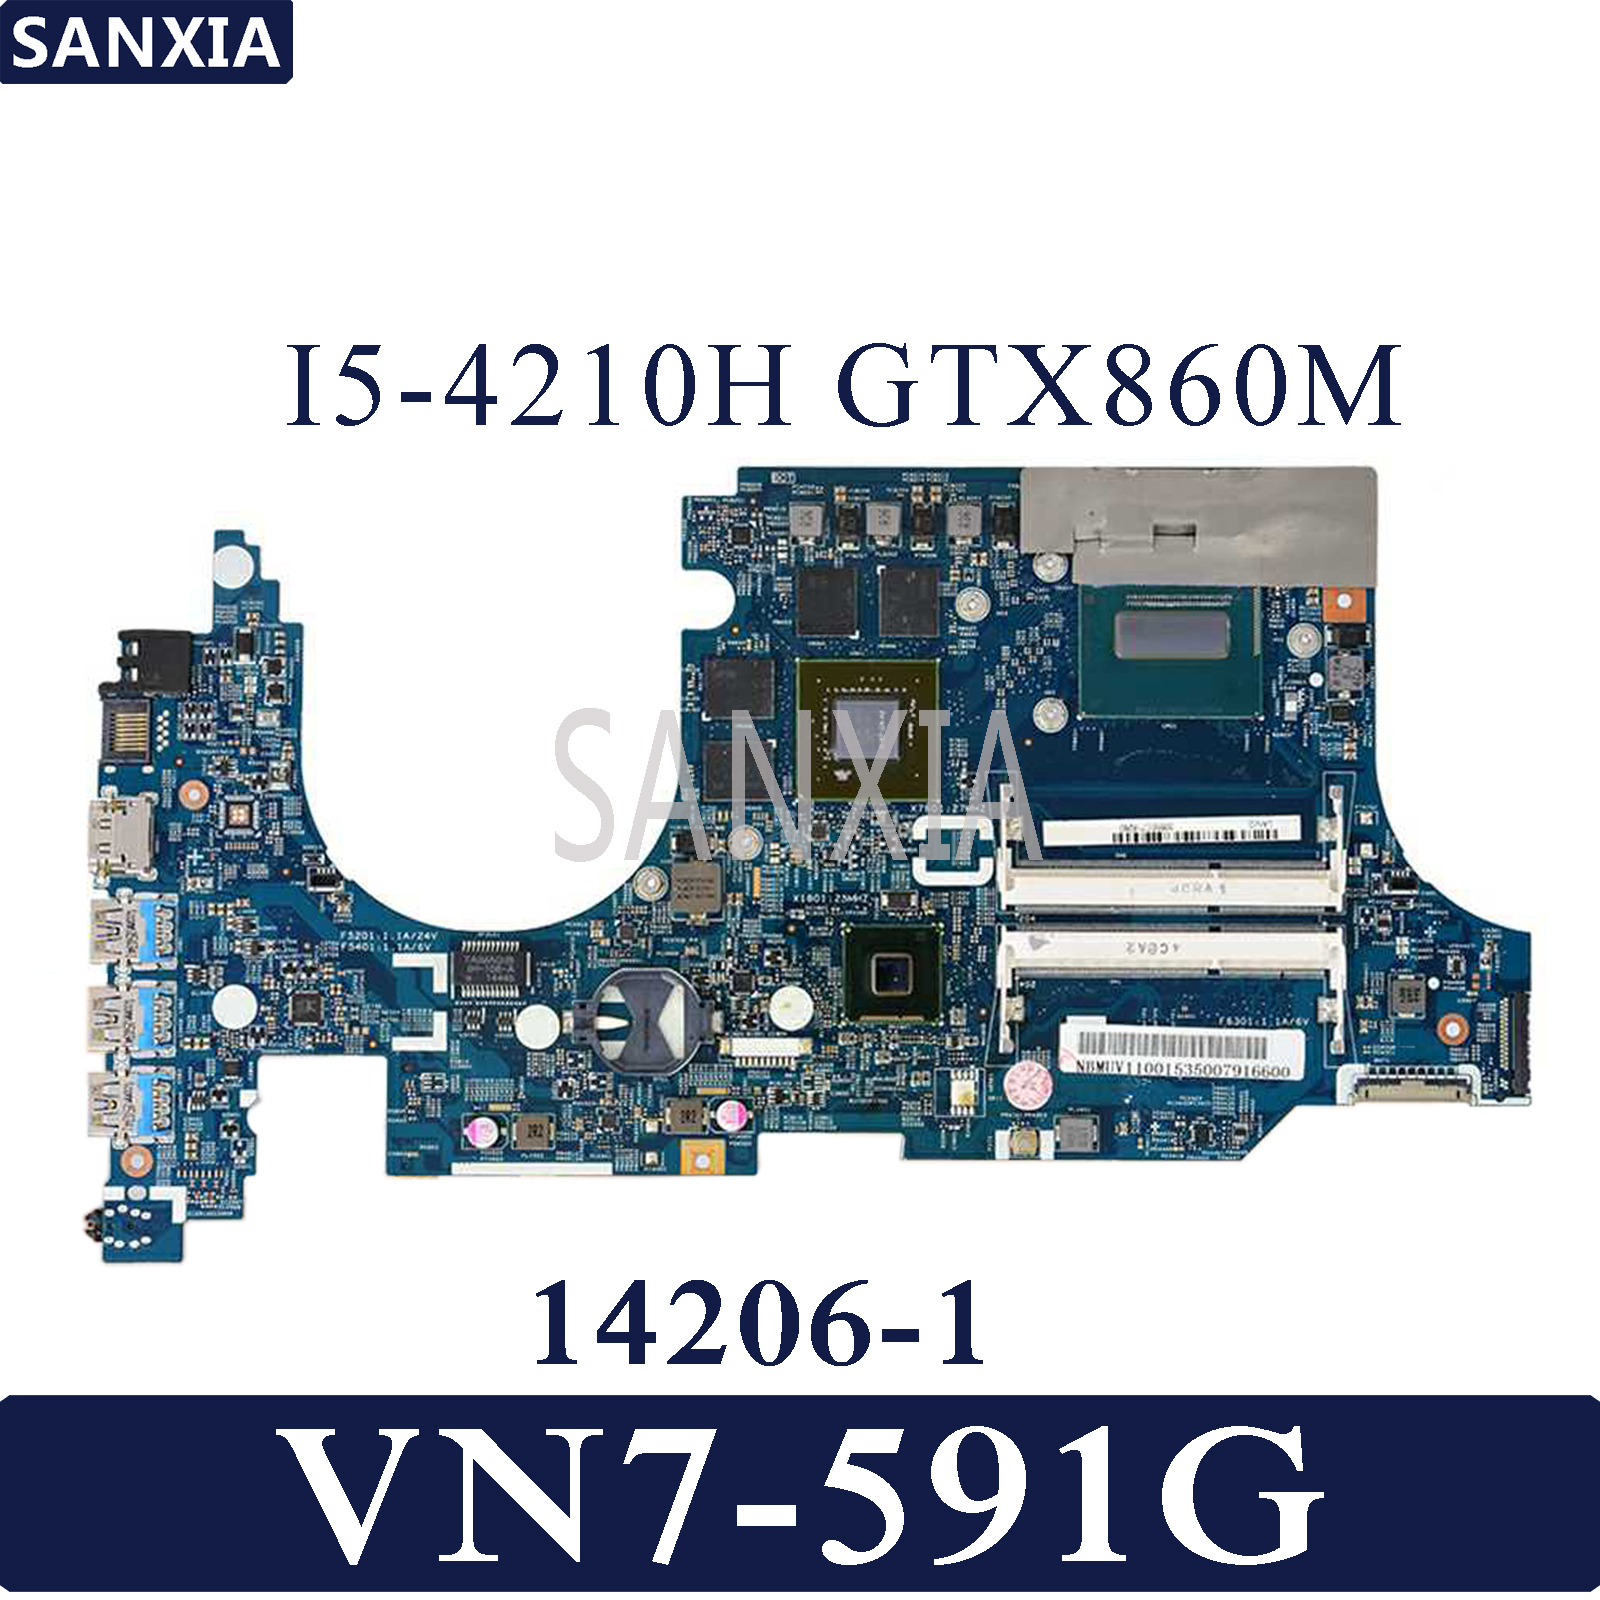 KEFU 14206-1 Laptop motherboard for Acer VN7-591G Test original mainboard I5-4210H GTX860MKEFU 14206-1 Laptop motherboard for Acer VN7-591G Test original mainboard I5-4210H GTX860M